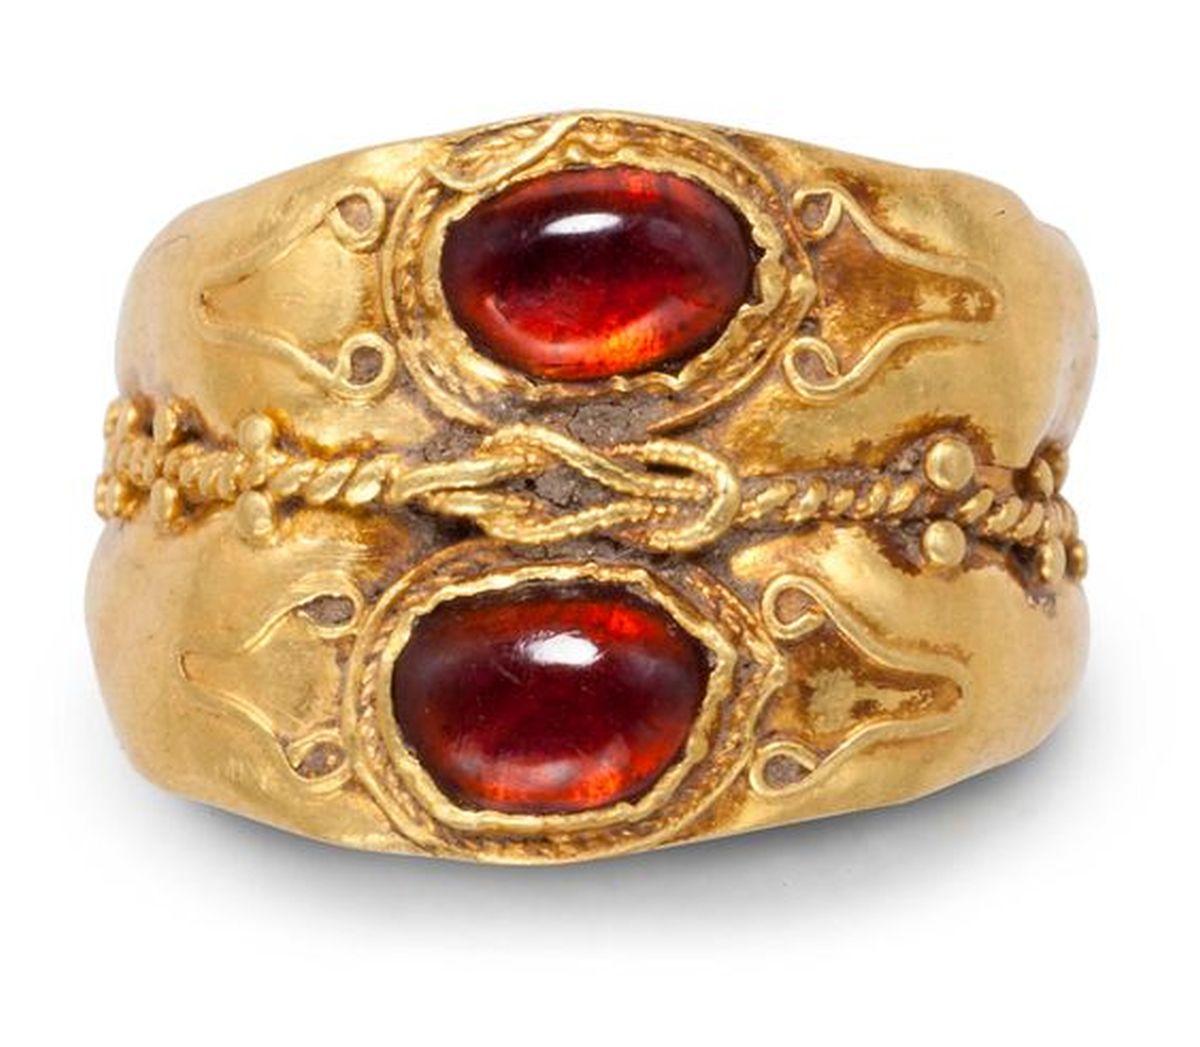 Cudowny rzymski pierścionek z granatem